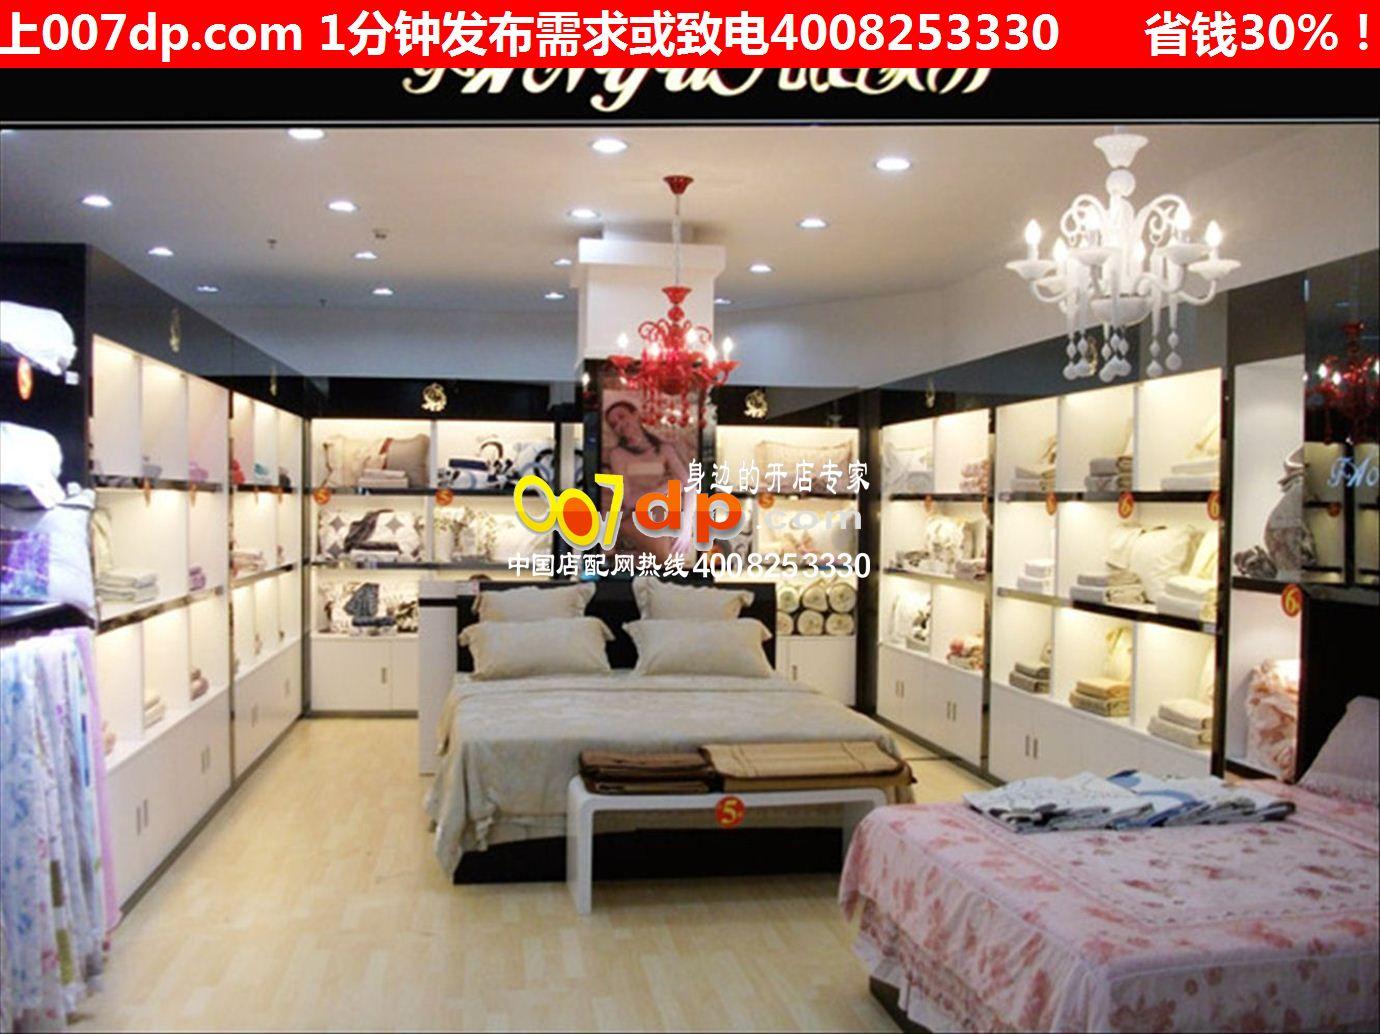 中国店配网第十七期家纺店装修效果图欧式家纺店装修